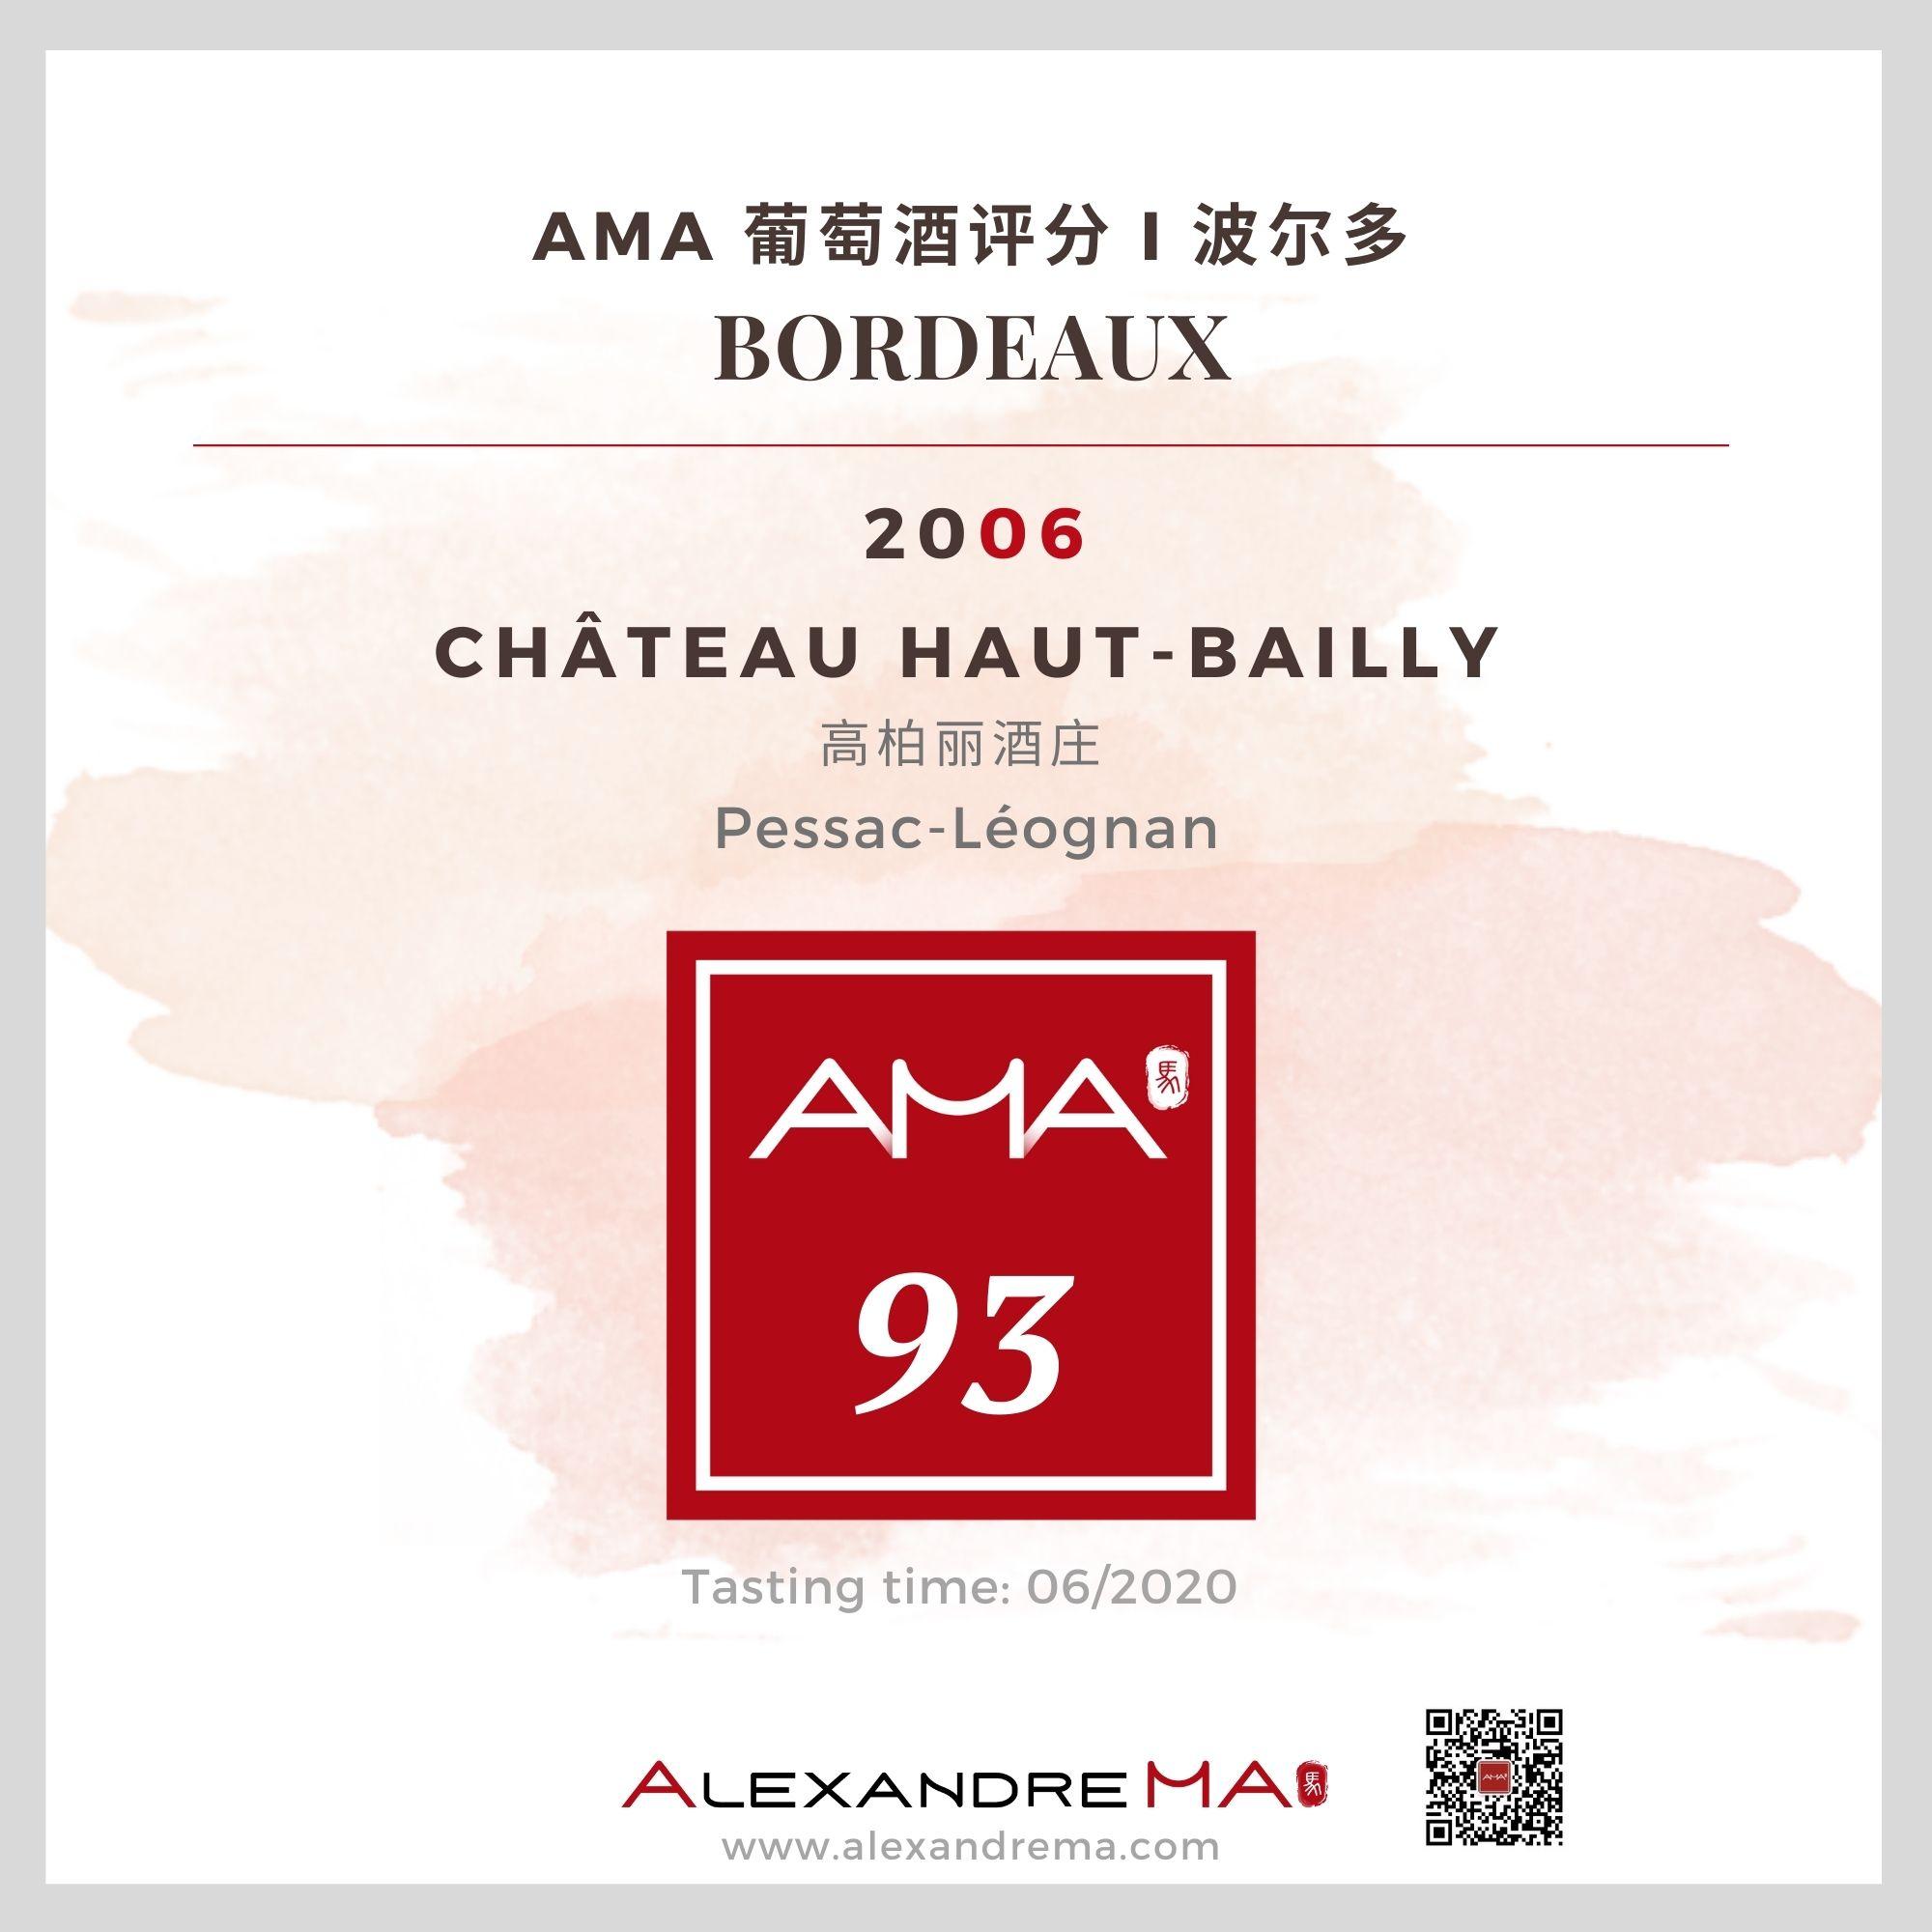 Château Haut-Bailly 2006 - Alexandre MA